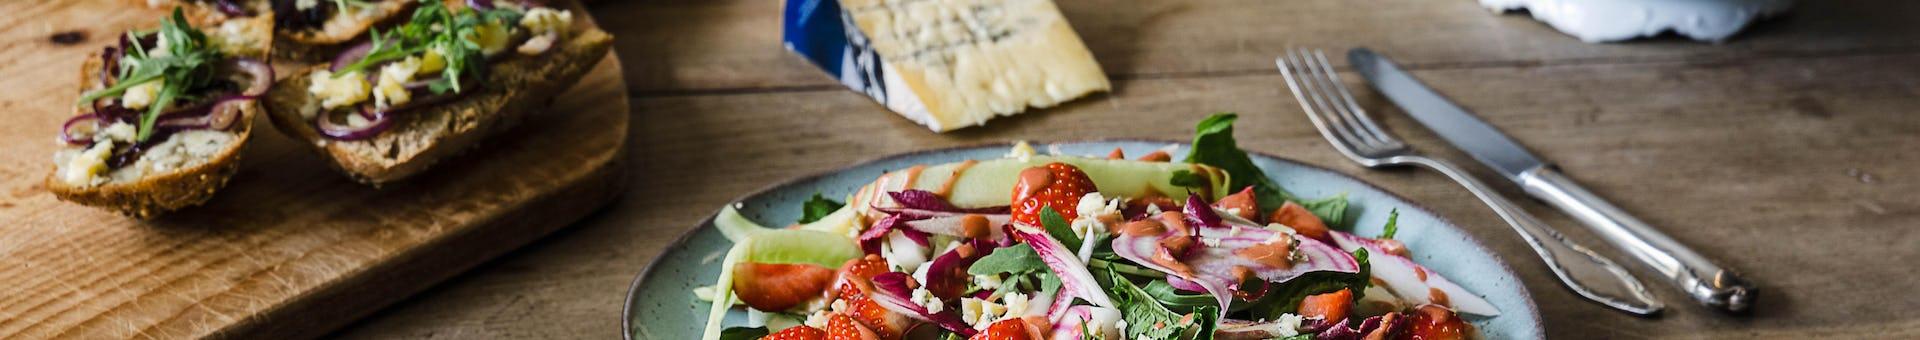 Gezonde aardbei salade met broodjes en kaas op de achtergrond